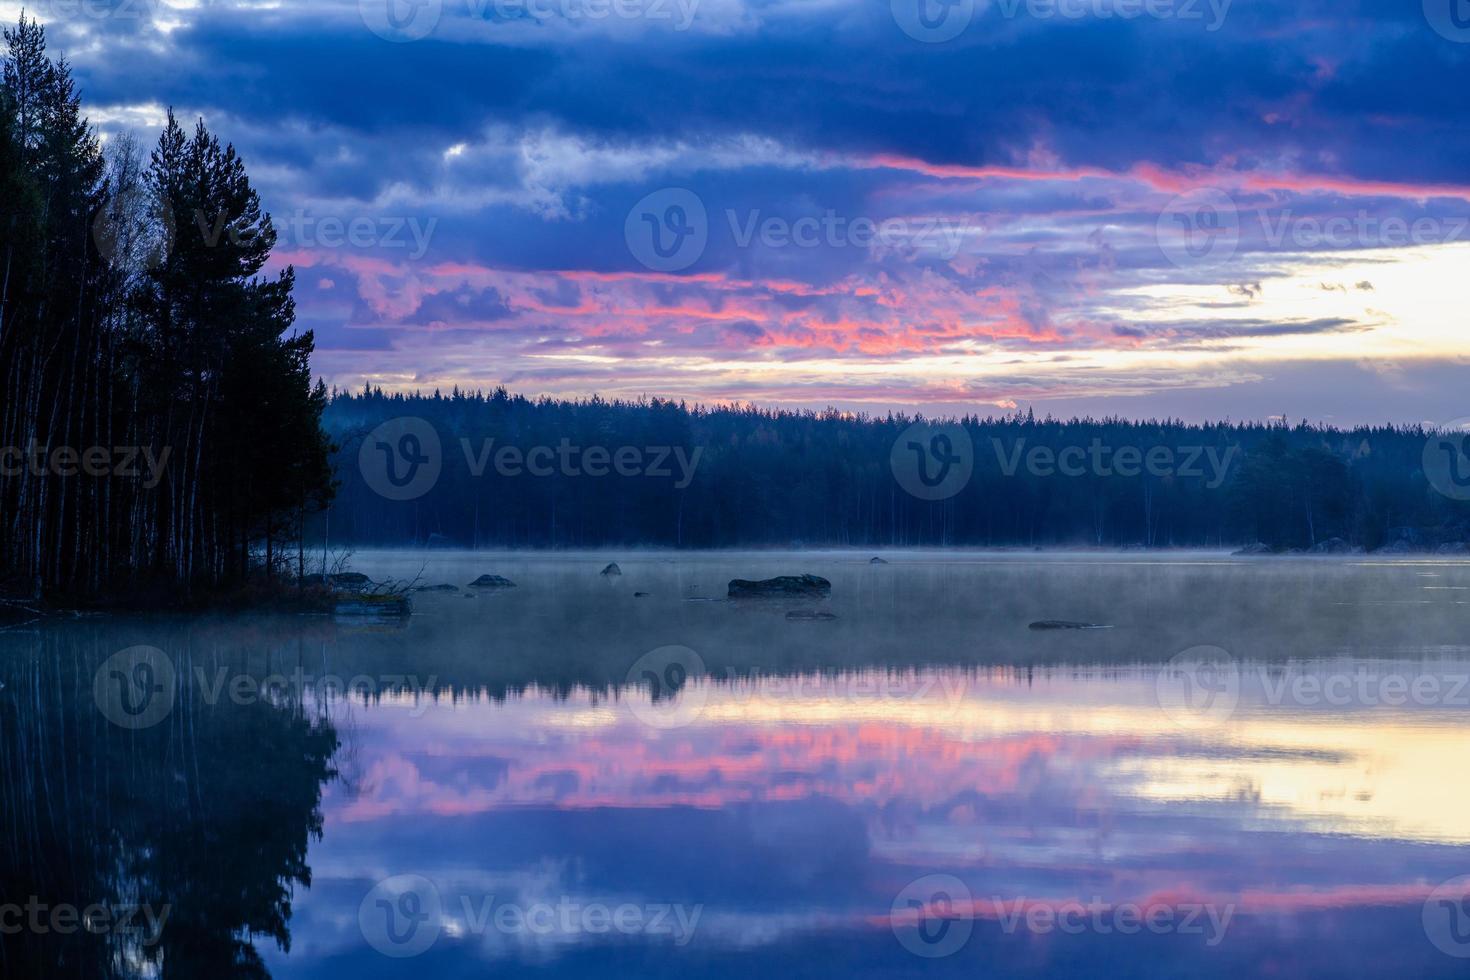 tidig morgonsikt korsar en sjö i sverige foto